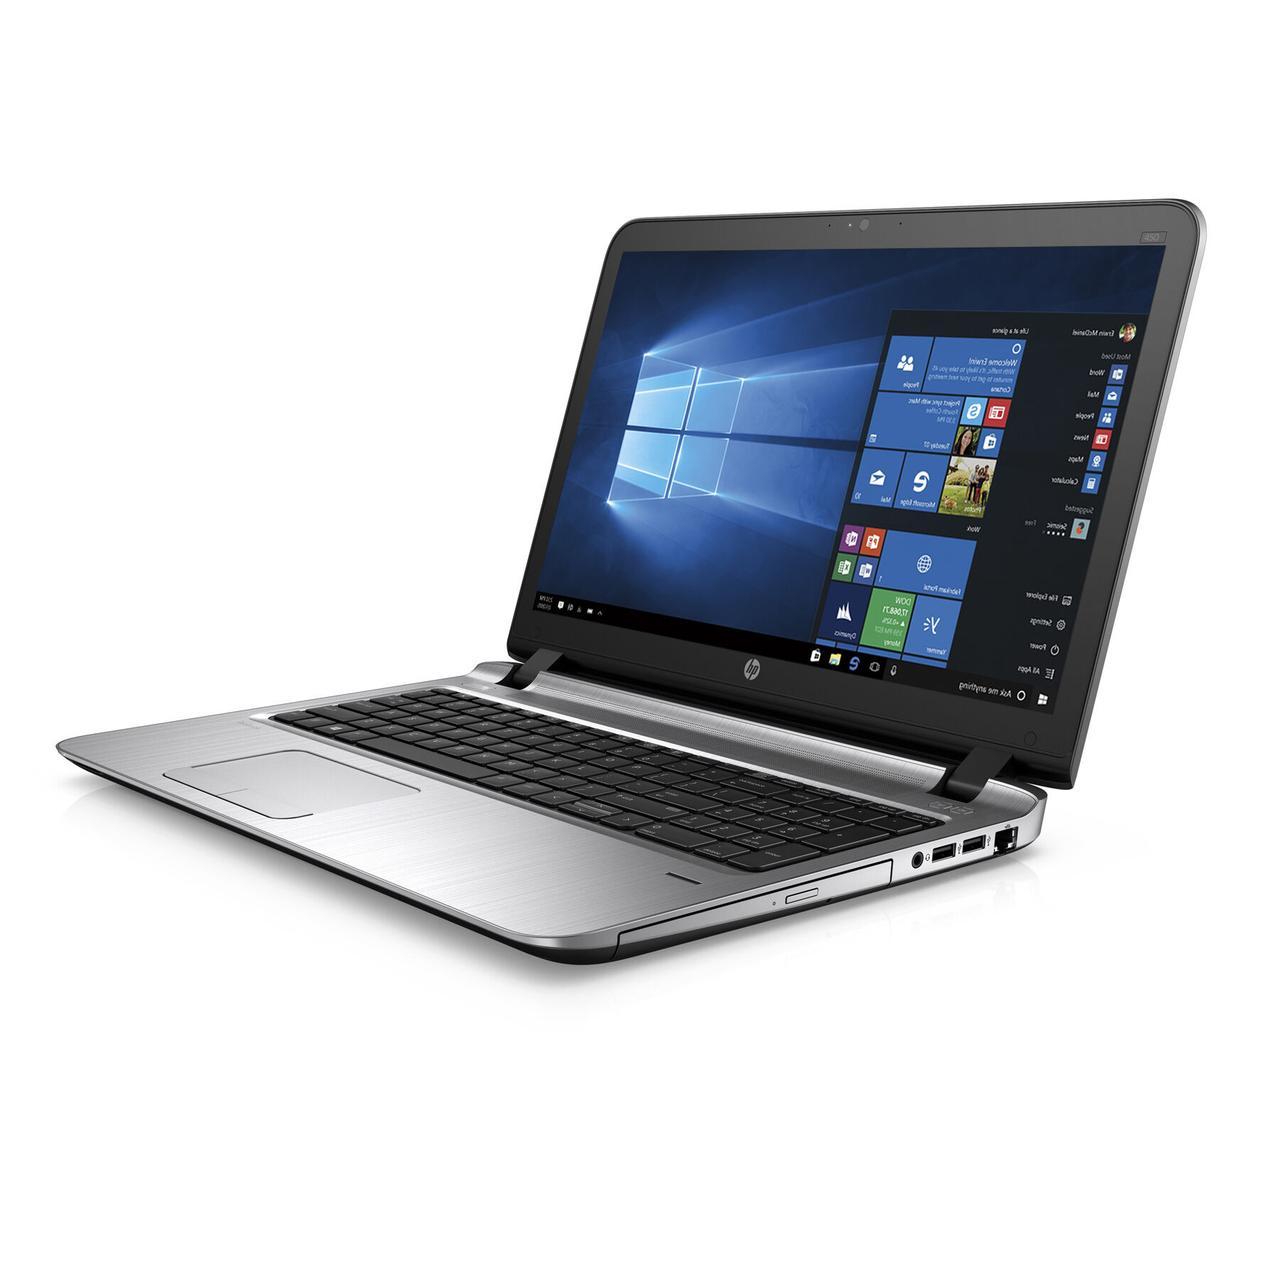 Б/У HP ProBook 450 G3 15.6″ FullHD i5-6200U /DDR3 8 Gb /SSD 240 Нет в наличии